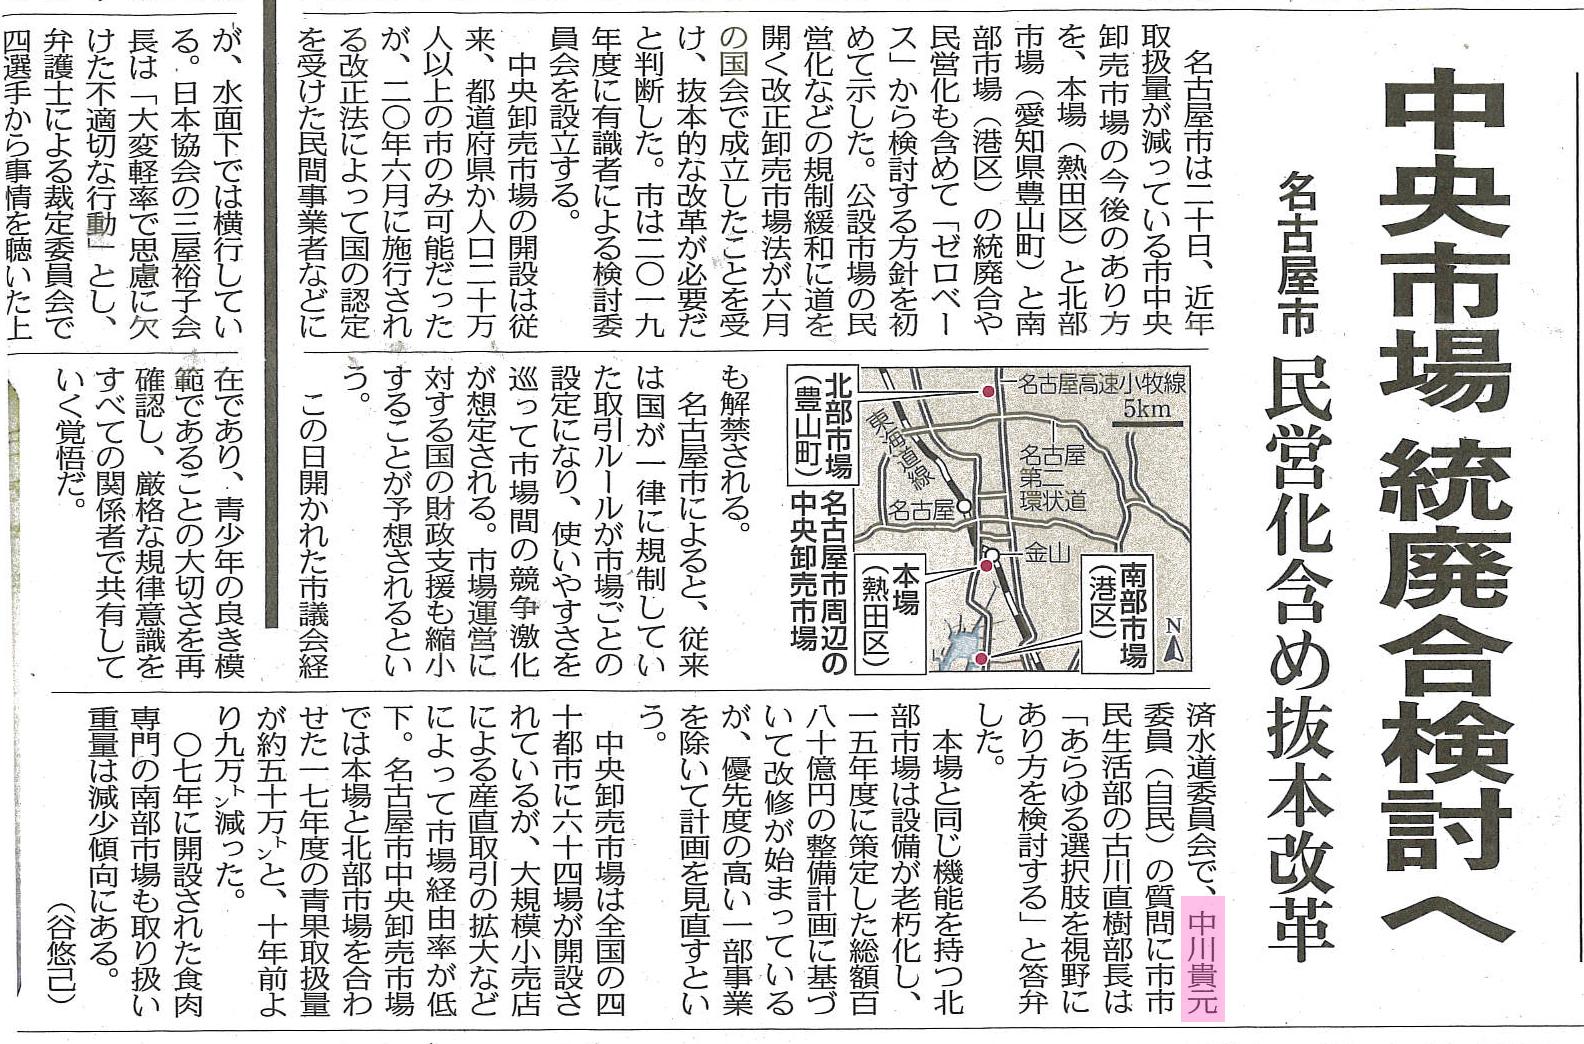 中日新聞(中央卸売市場民営化)